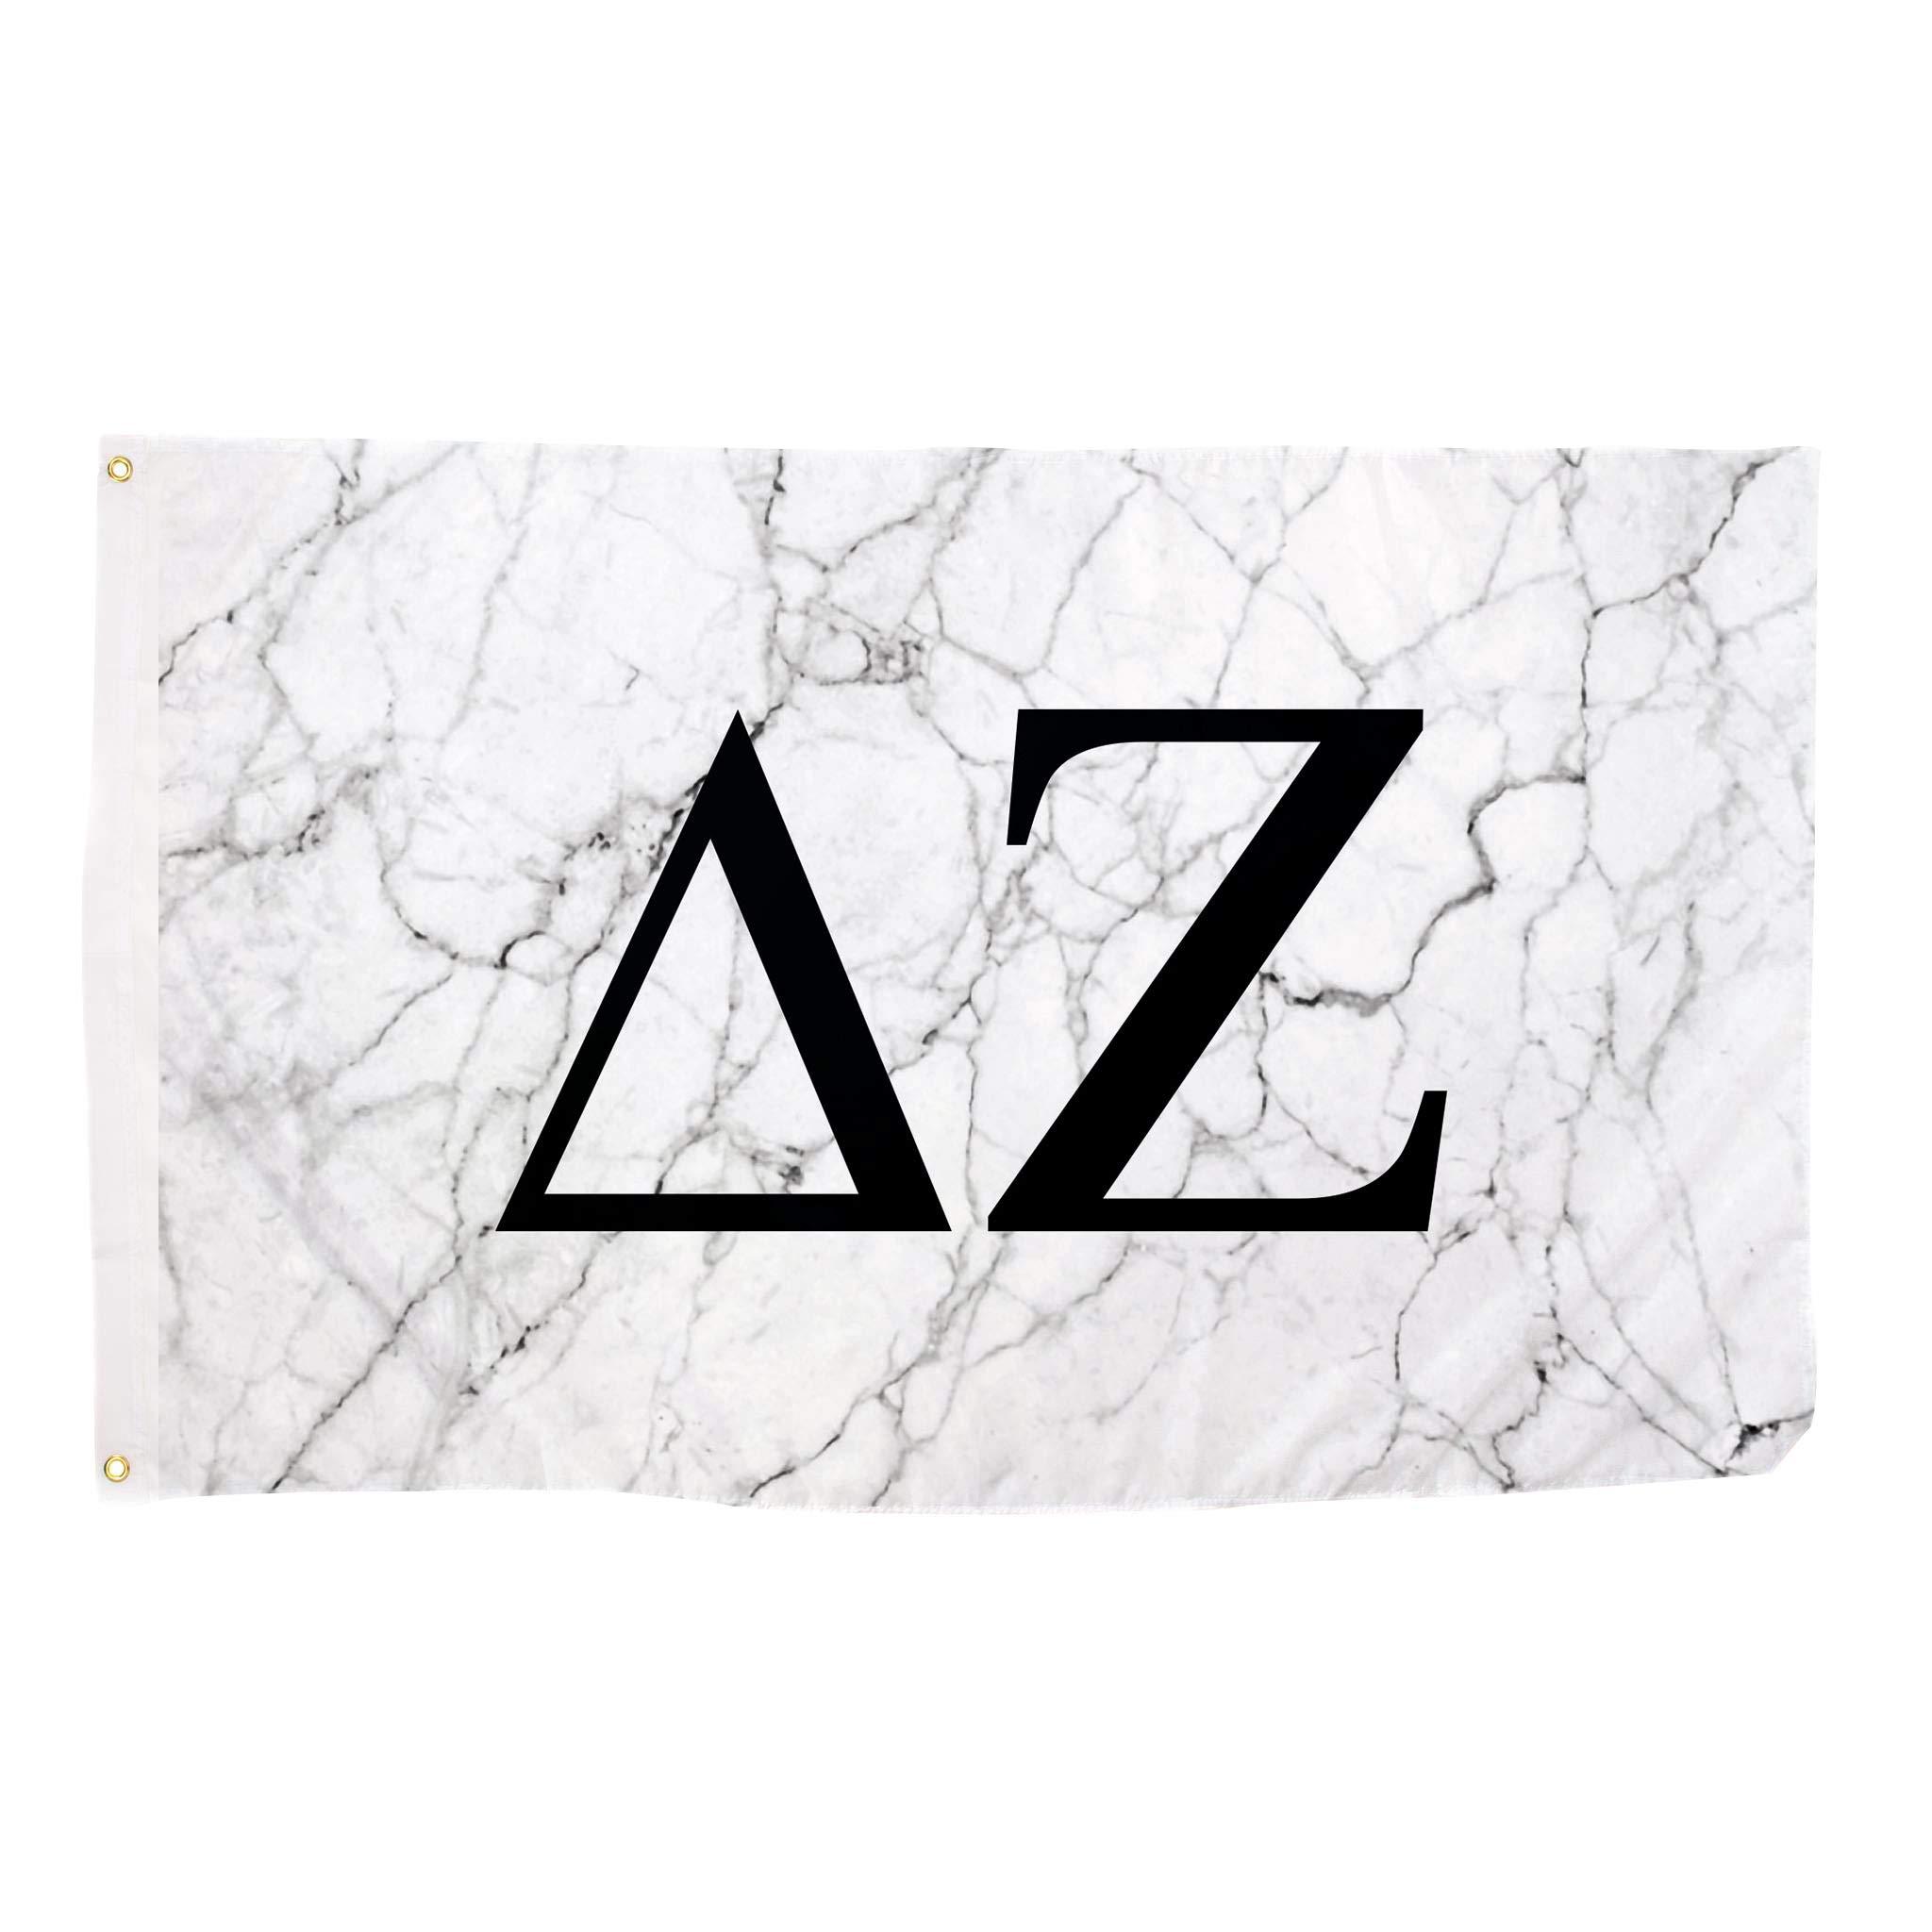 Delta Zeta Light Marble Sorority Letter Flag Banner 3 x 5 Sign Decor dz